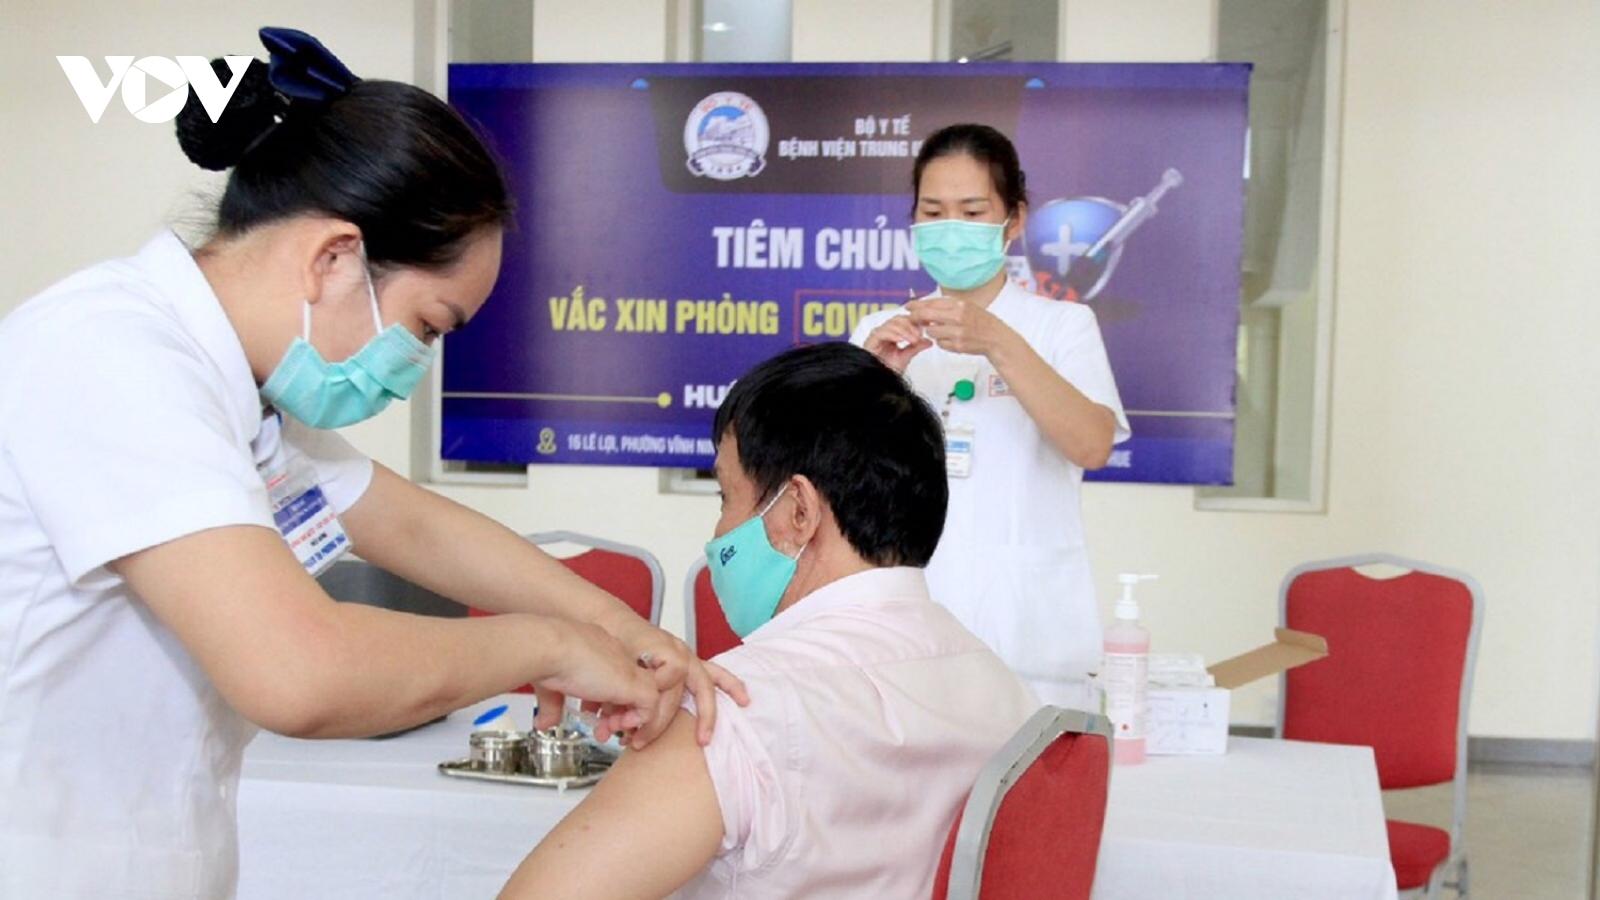 10 điều cần nhớ khi tiêm chủng vaccine COVID-19